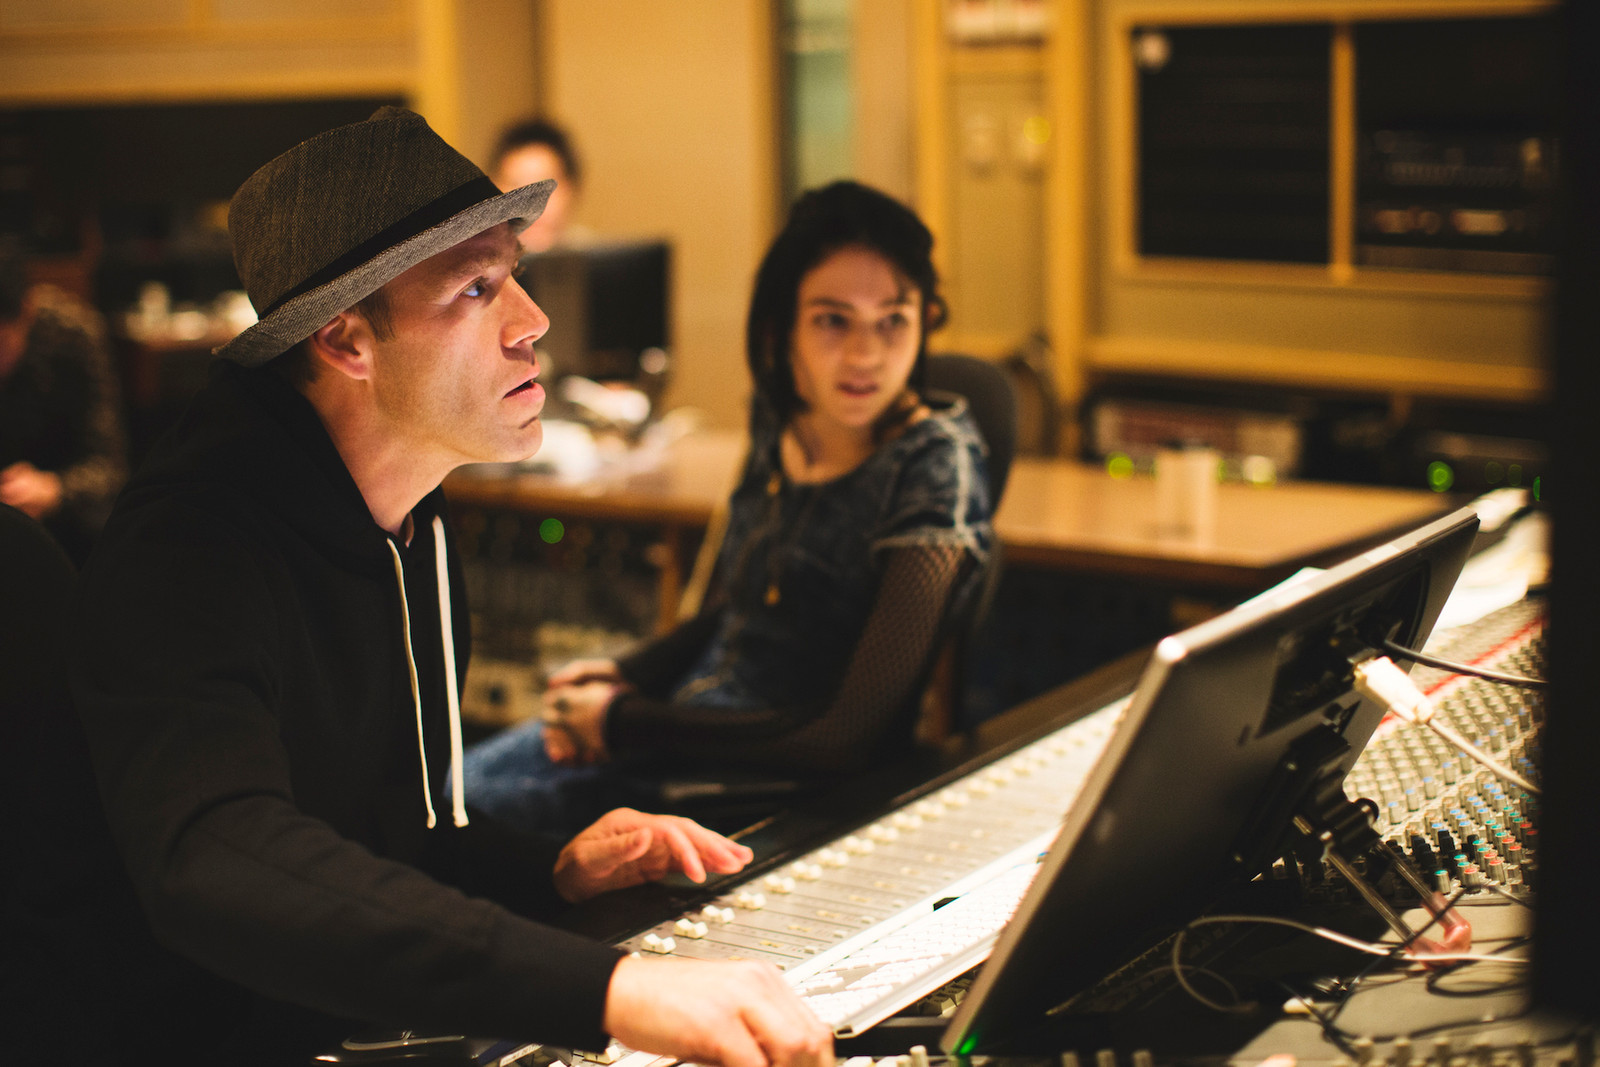 Luke Wood x Grimes 音樂對談 Part I : 走進錄音室中的潛意識之旅